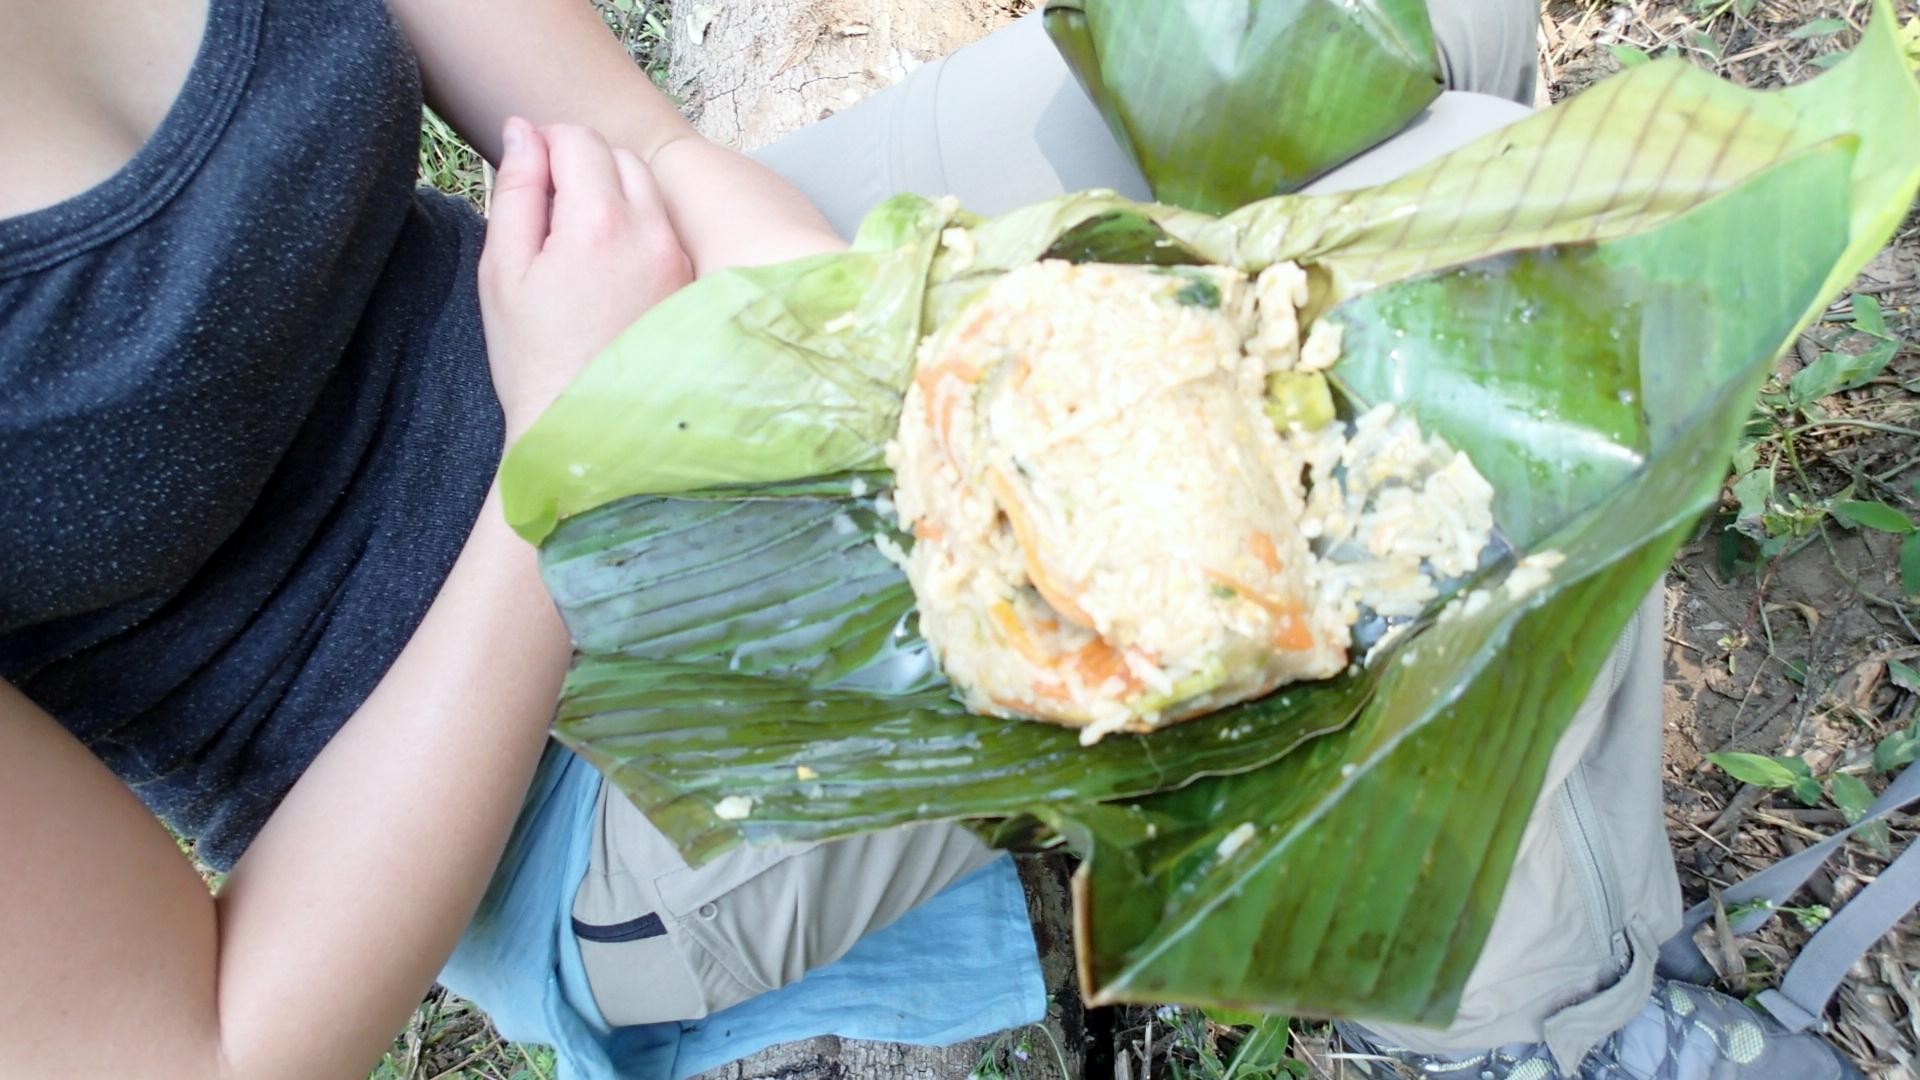 Déjeuner à base de riz transporté dans une feuille de banane